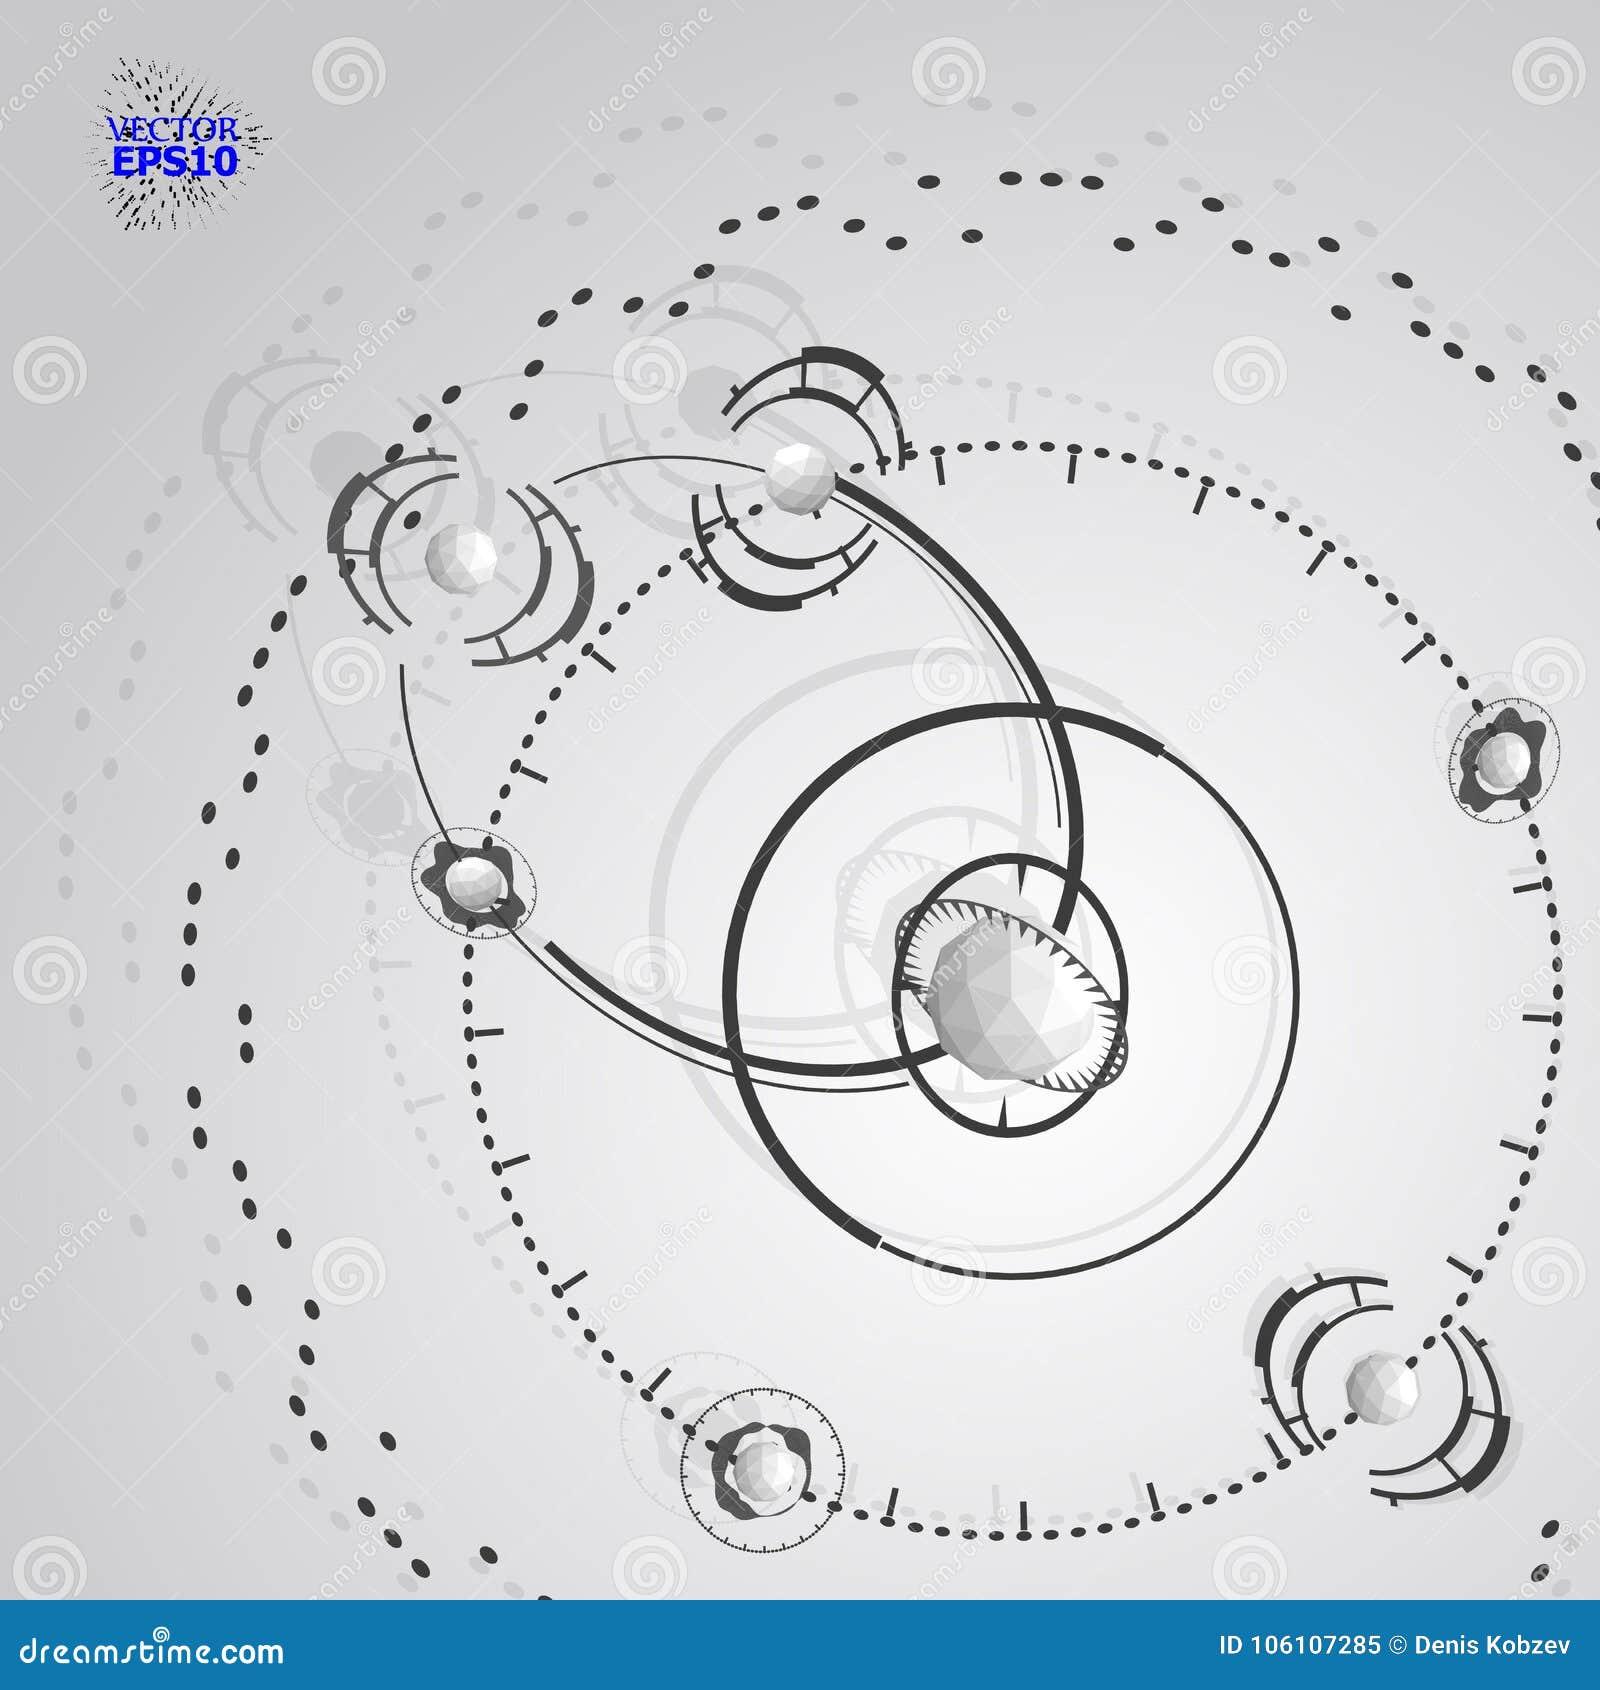 Contesto di vettore di tecnologia di ingegneria 3d Piano tecnico futuristico, meccanismo Schema meccanico monocromatico, sommario